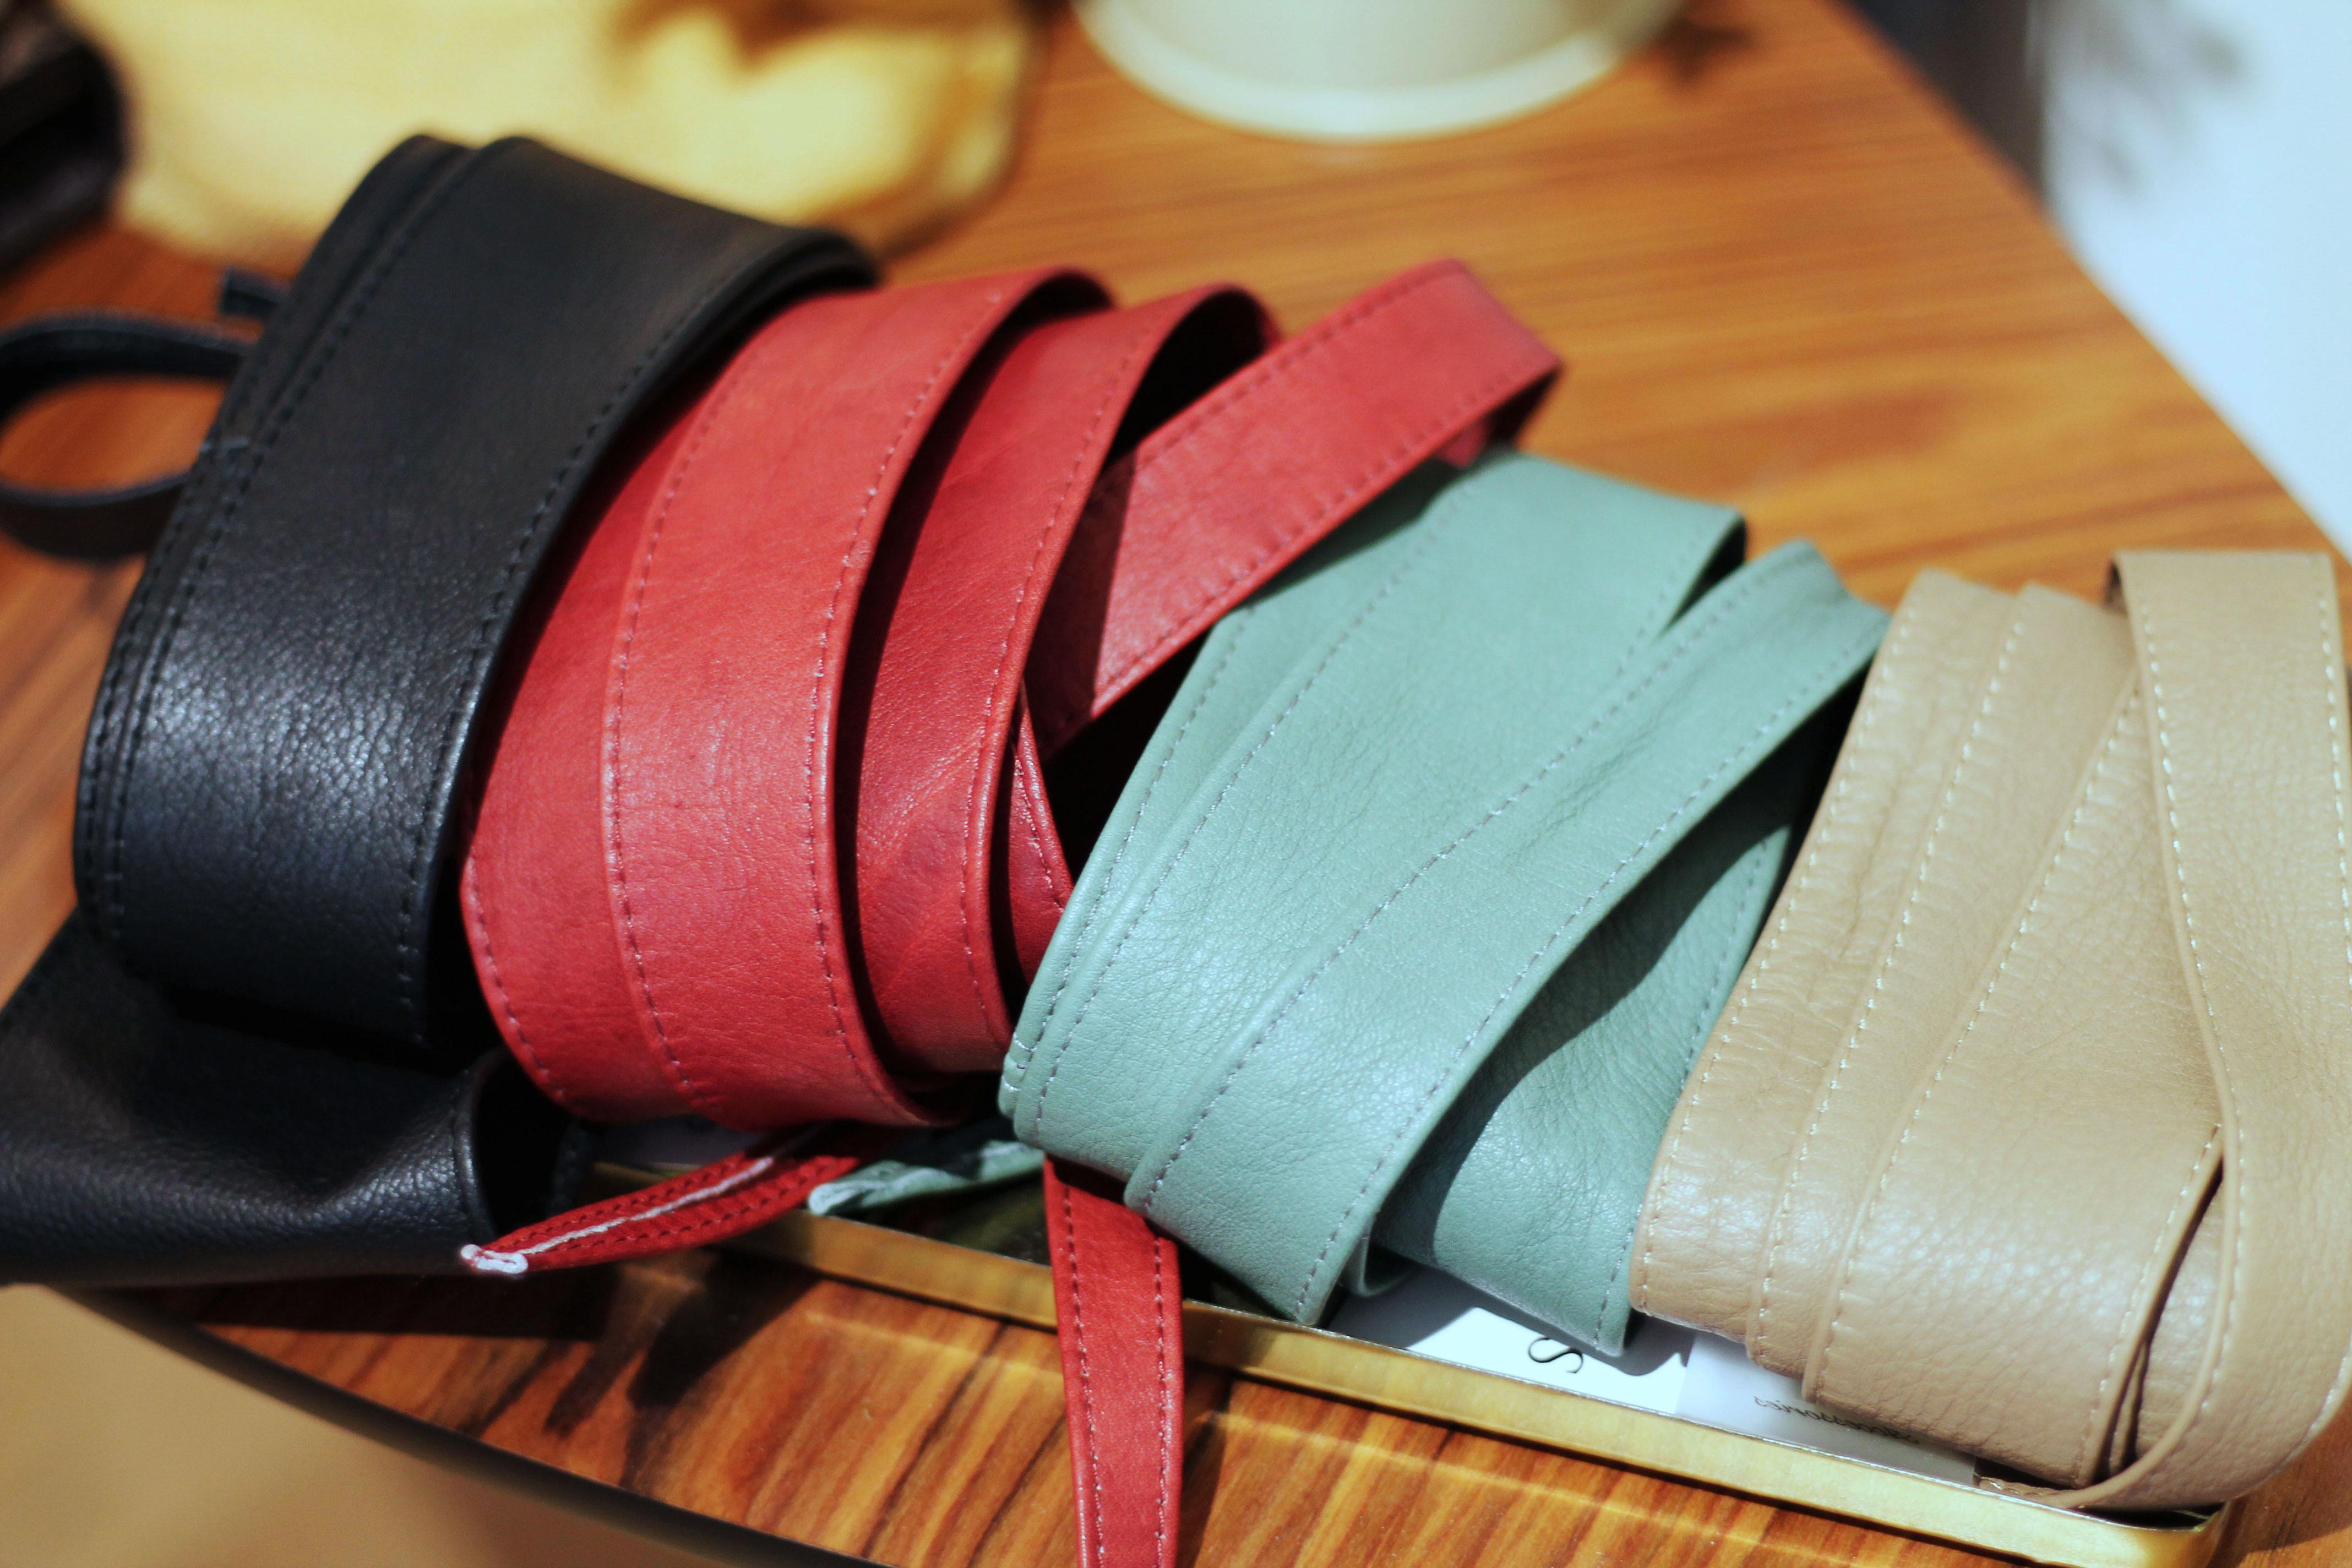 grandios-vienna-boutique-wien-ledergurtel-leatherbelt-gewinnspiel-giveaway-kardiaserena